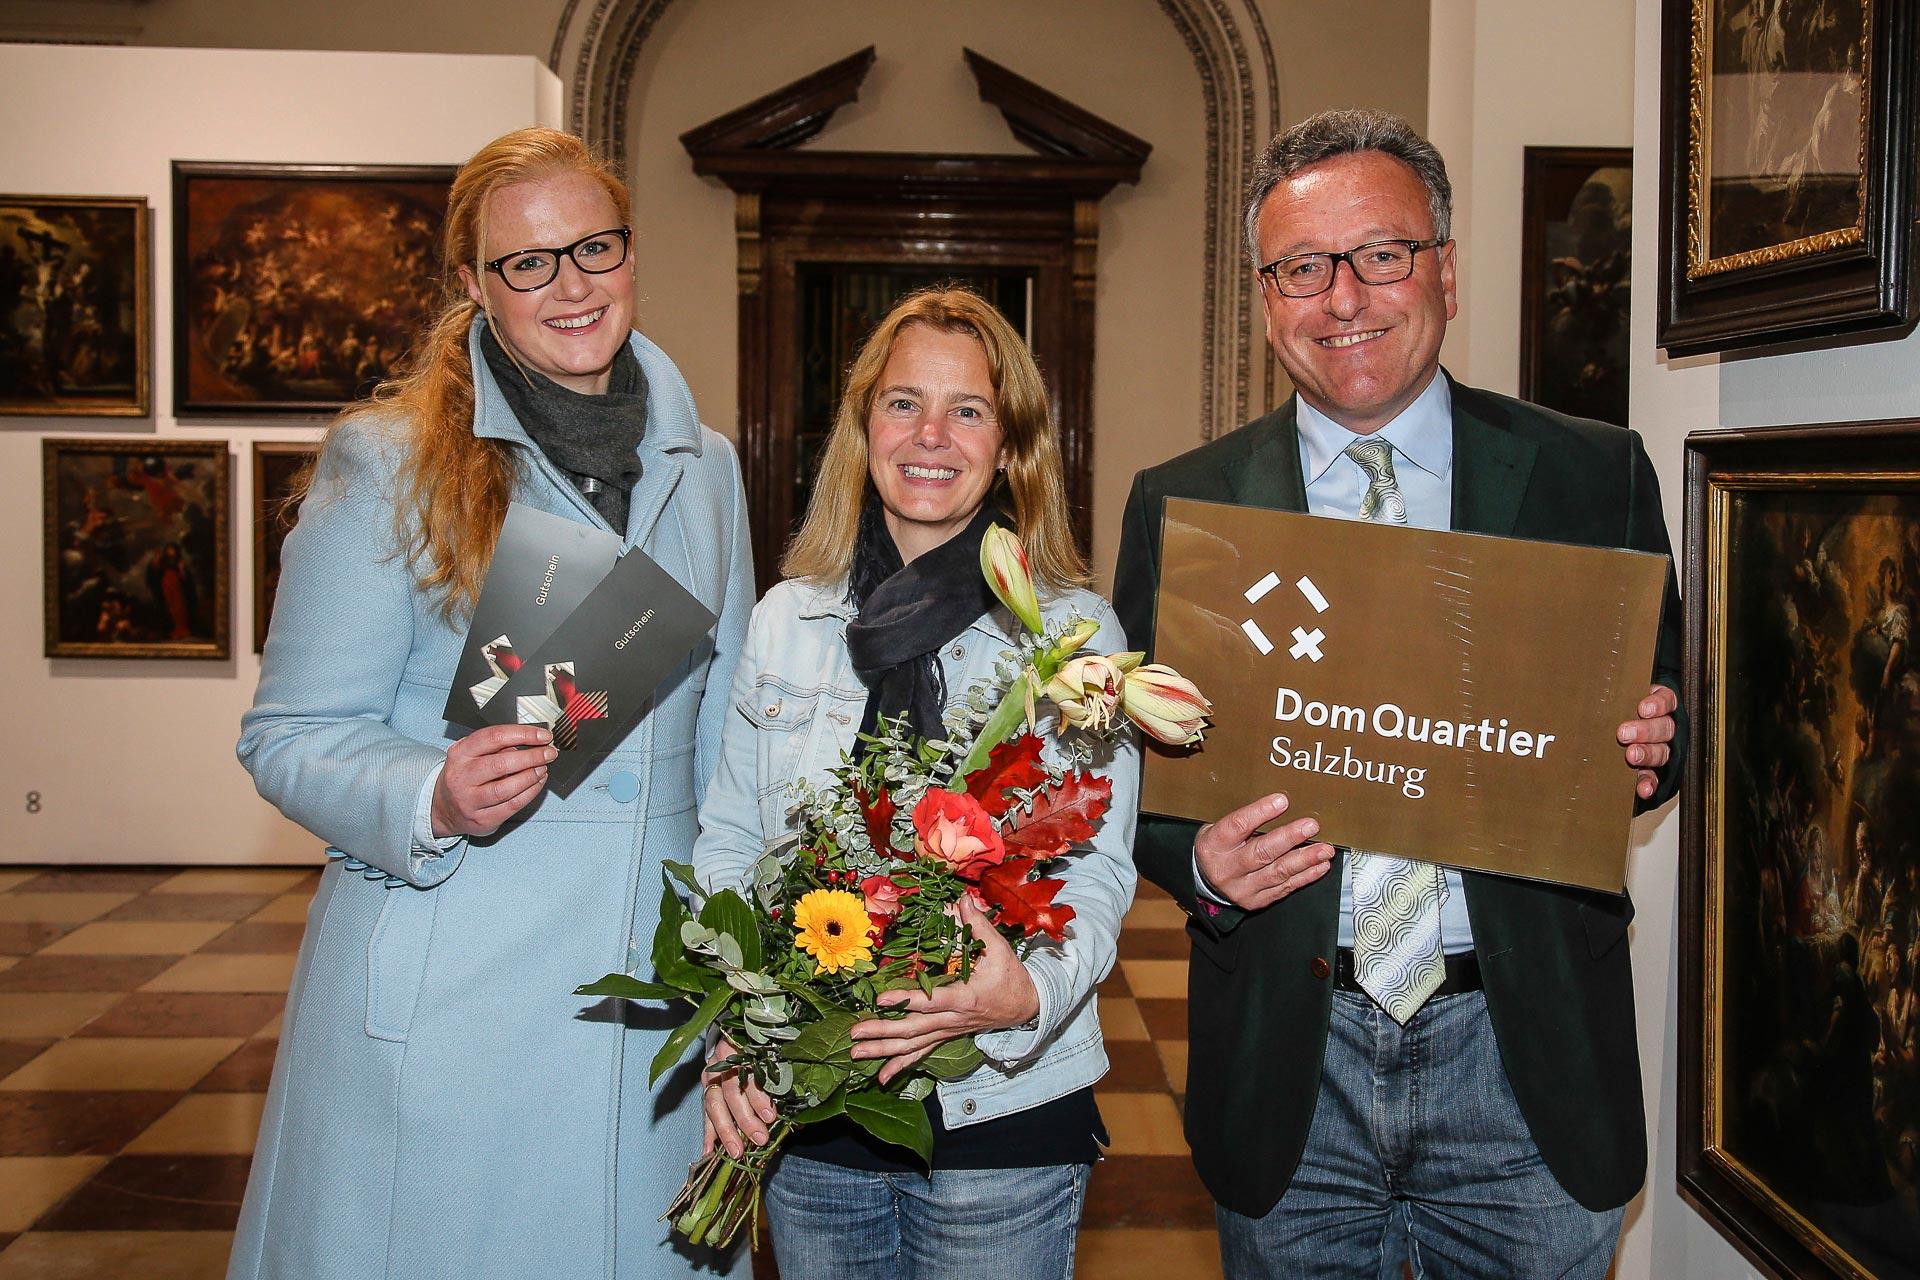 Veranstaltung Erfolg für das DomQuartier im DomQuartier Salzburg